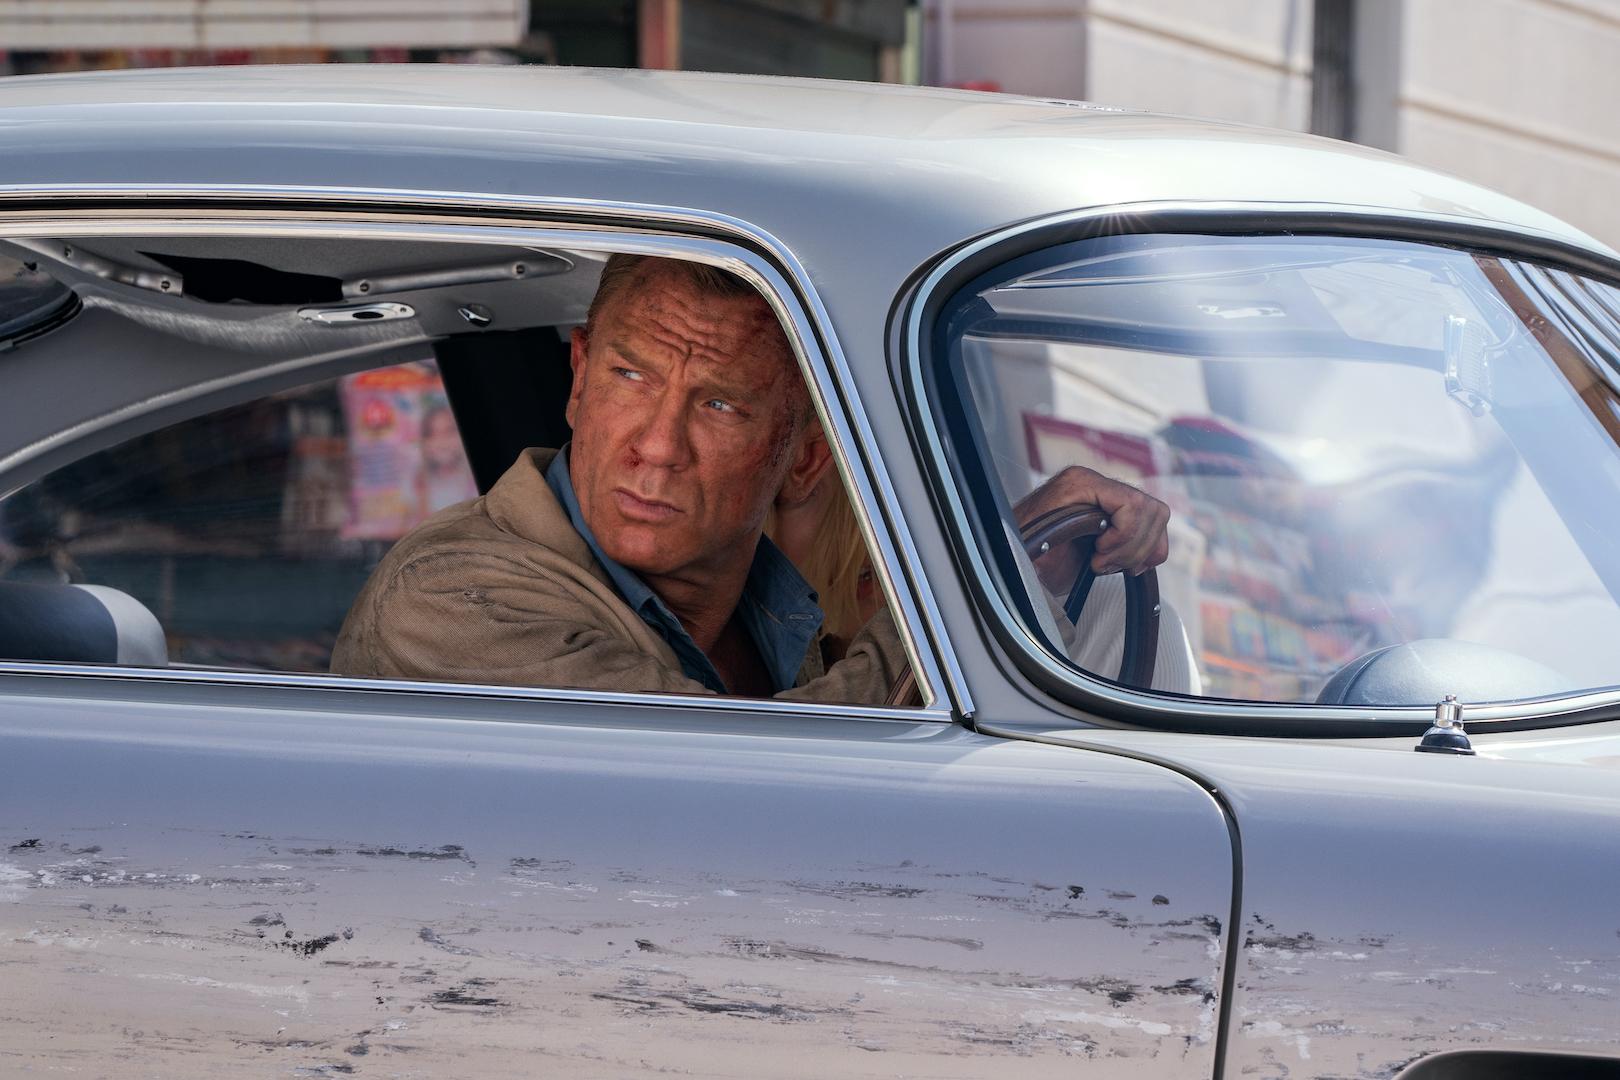 Torna sugli schermi nel 2020 l'eroe britannico James Bond